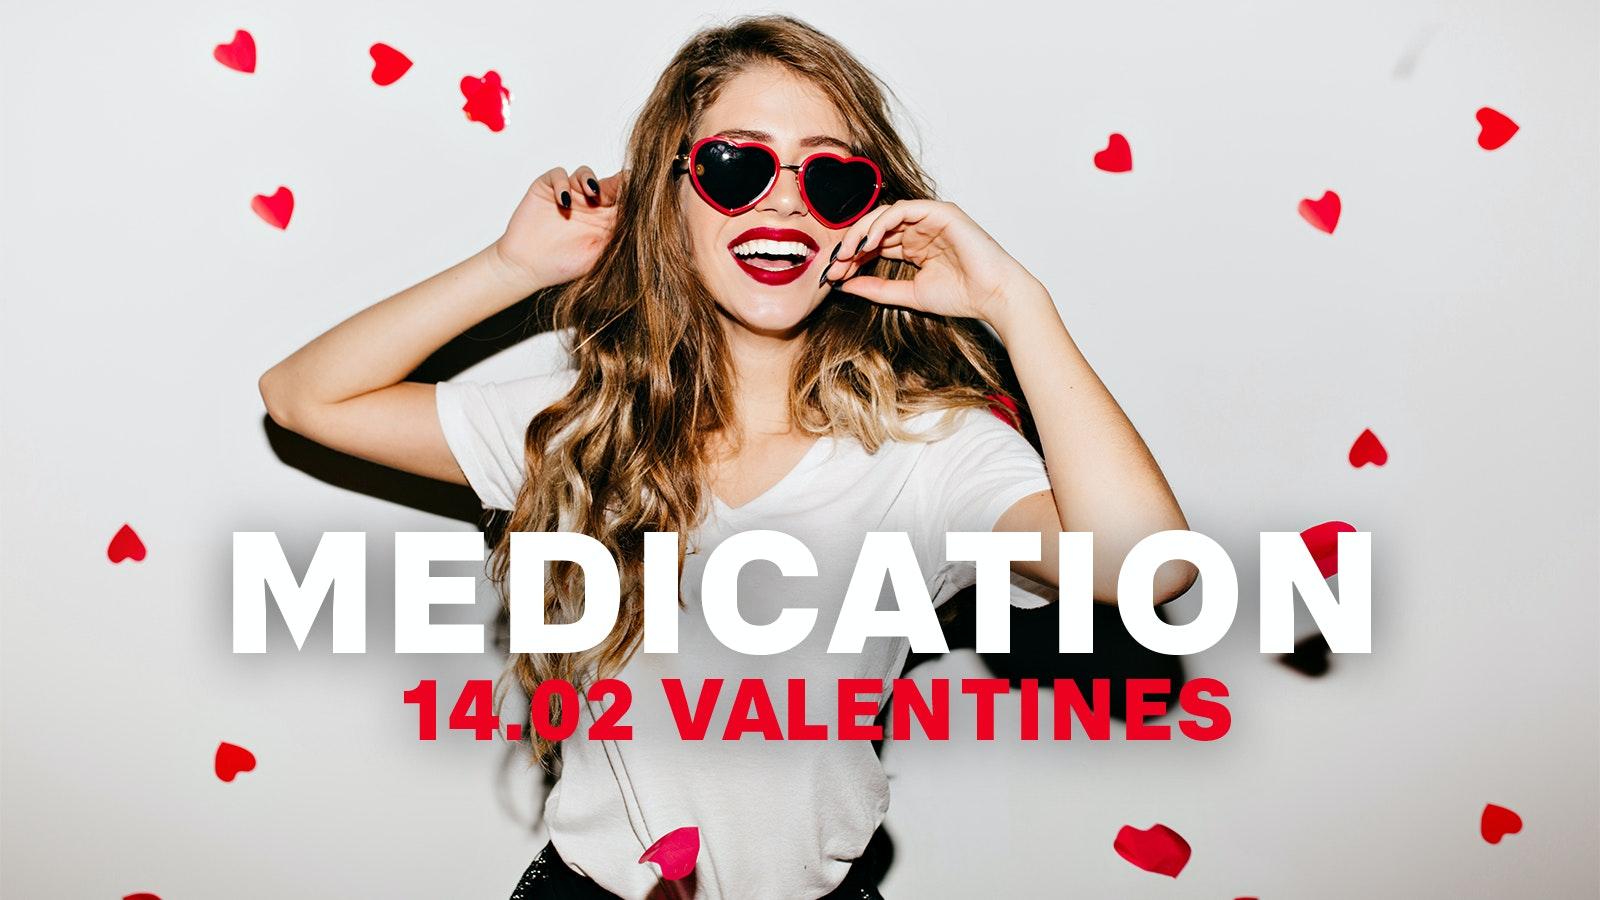 MEDICATION – VALENTINES